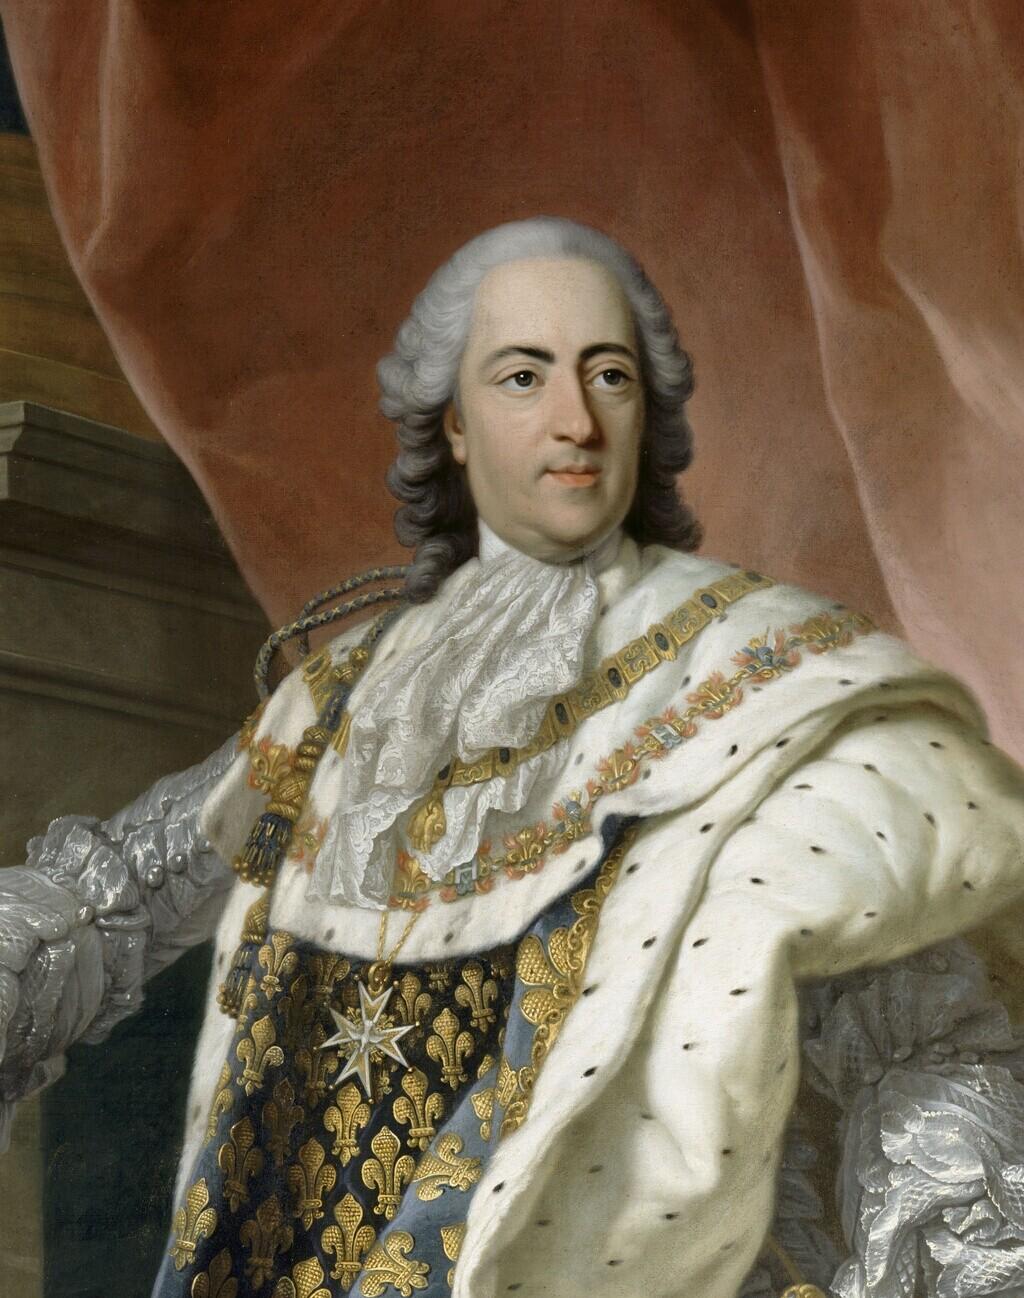 fredou - Portraits de Marie-Antoinette et de la famille royale, par Jean-Martial Frédou Imagep54